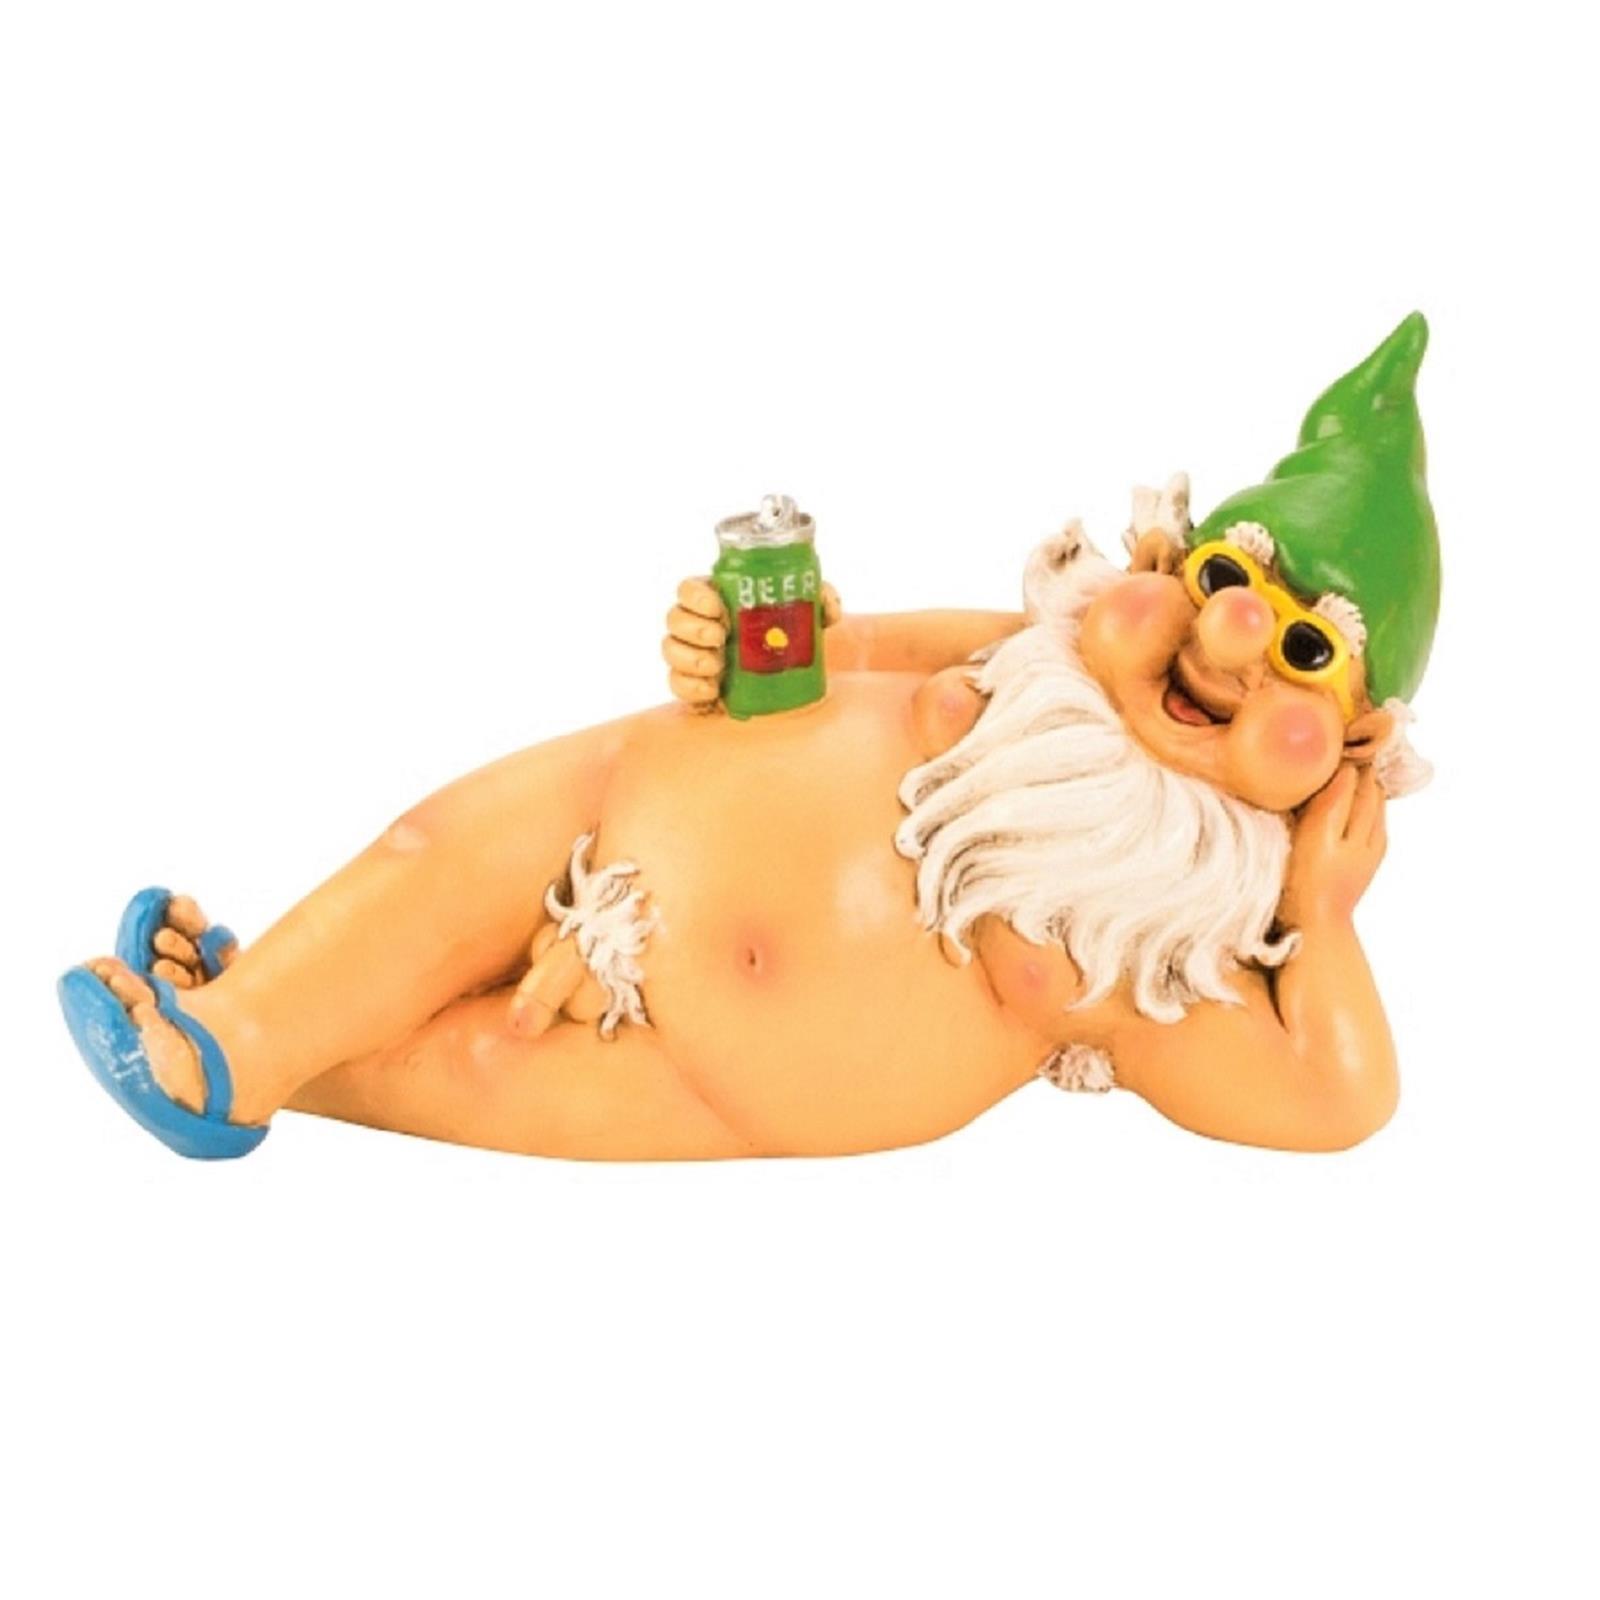 Nackter Zwerg mit grüner Mütze